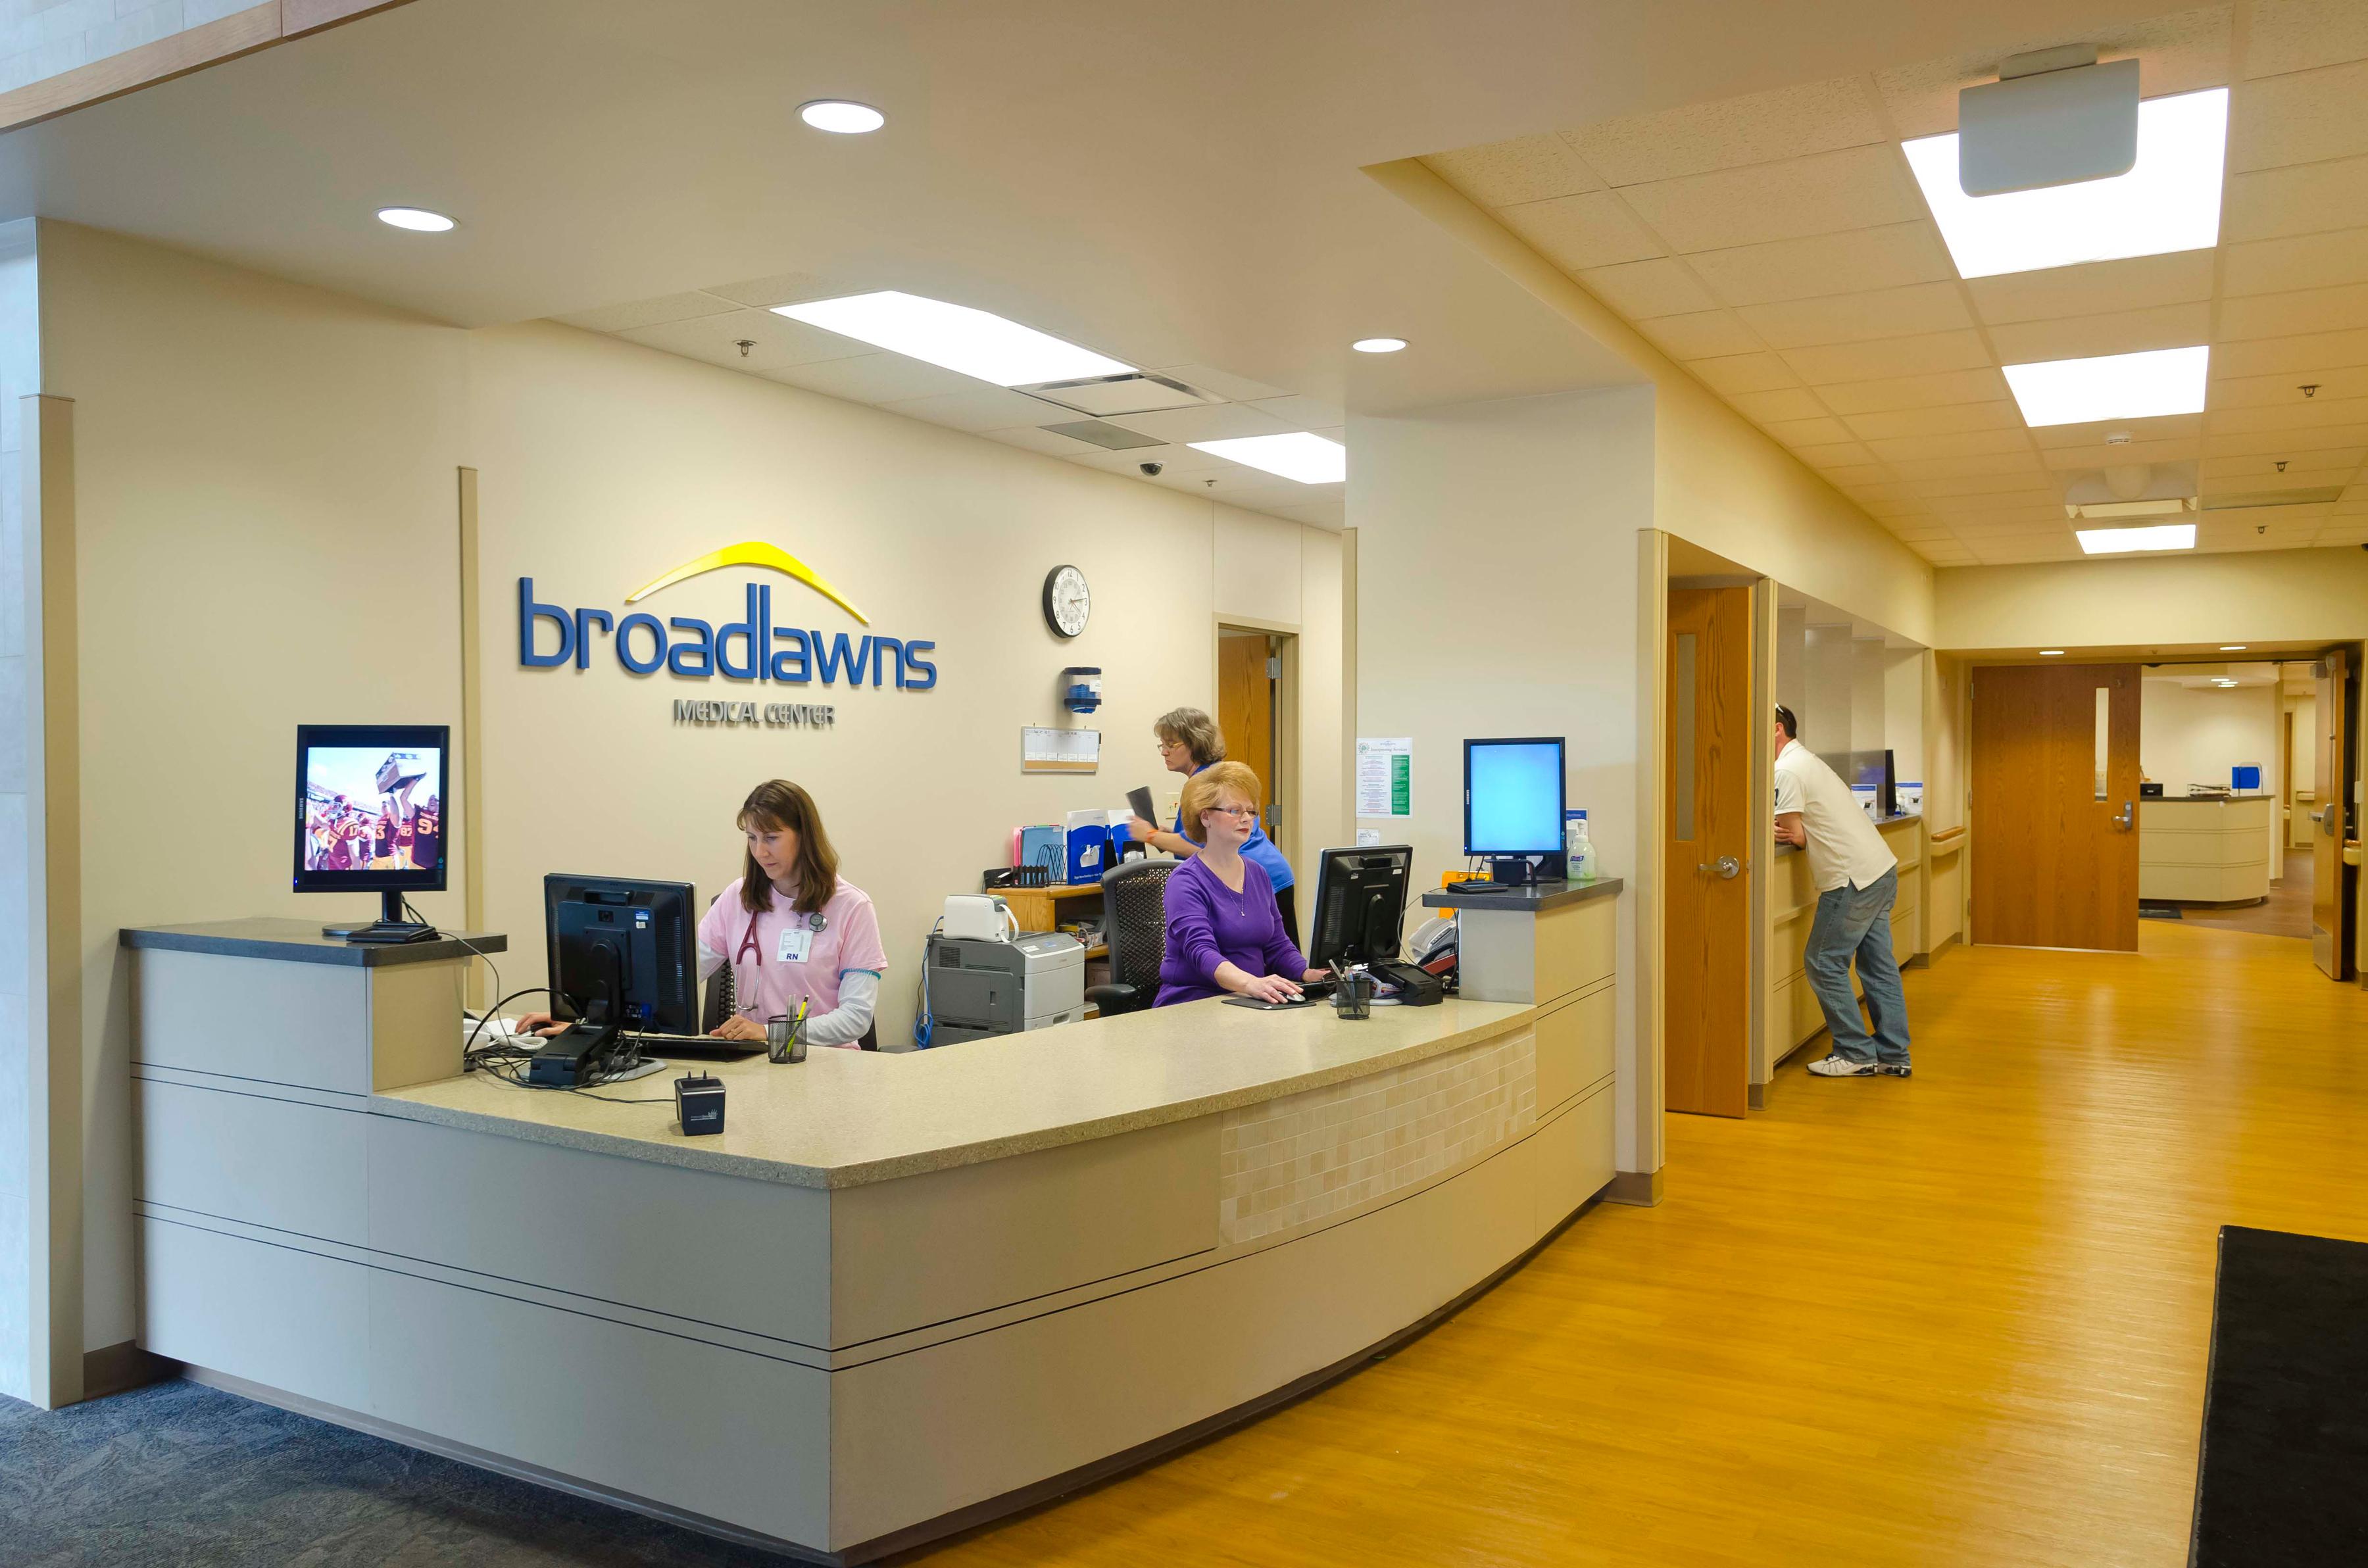 Broadlawns Medical Center image 1